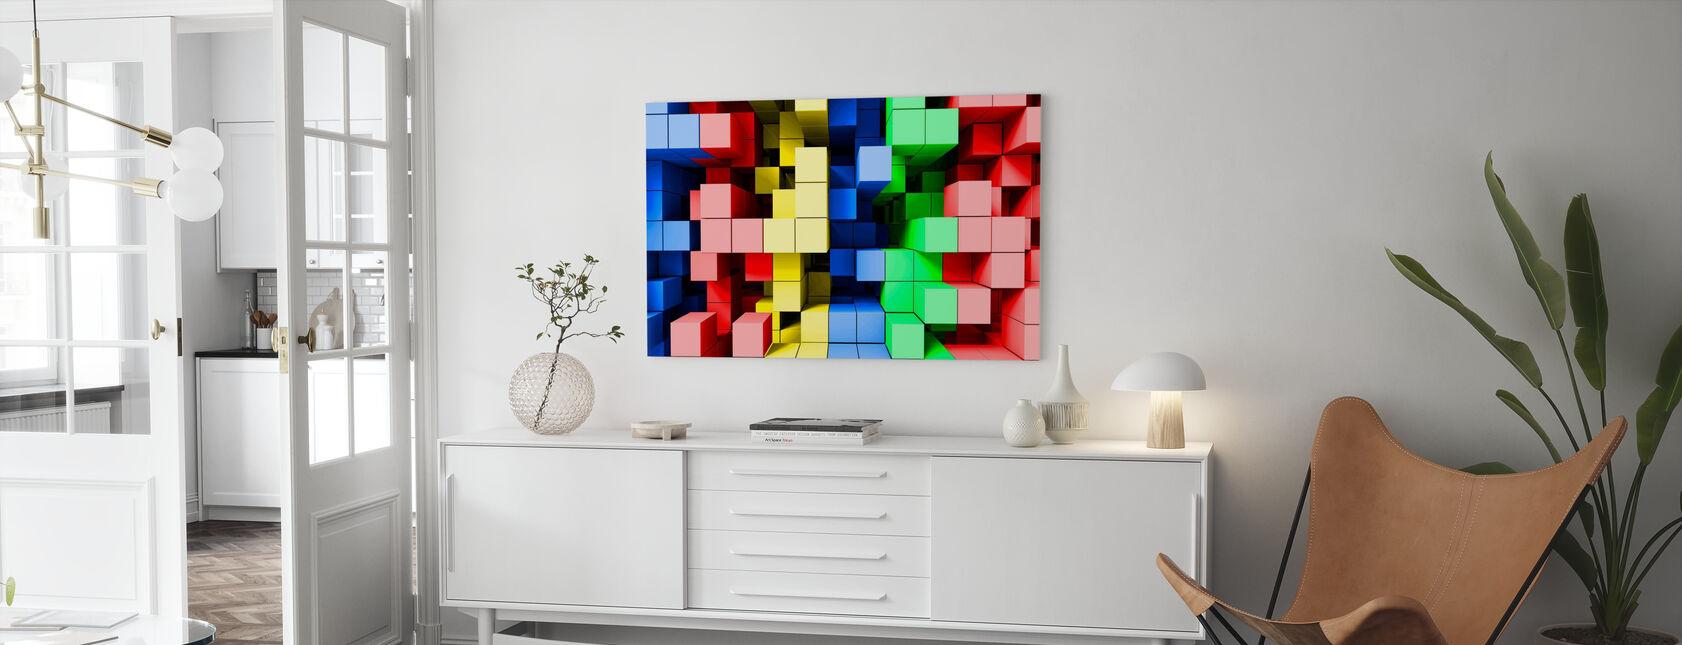 Diepe tetris kleur - Canvas print - Woonkamer